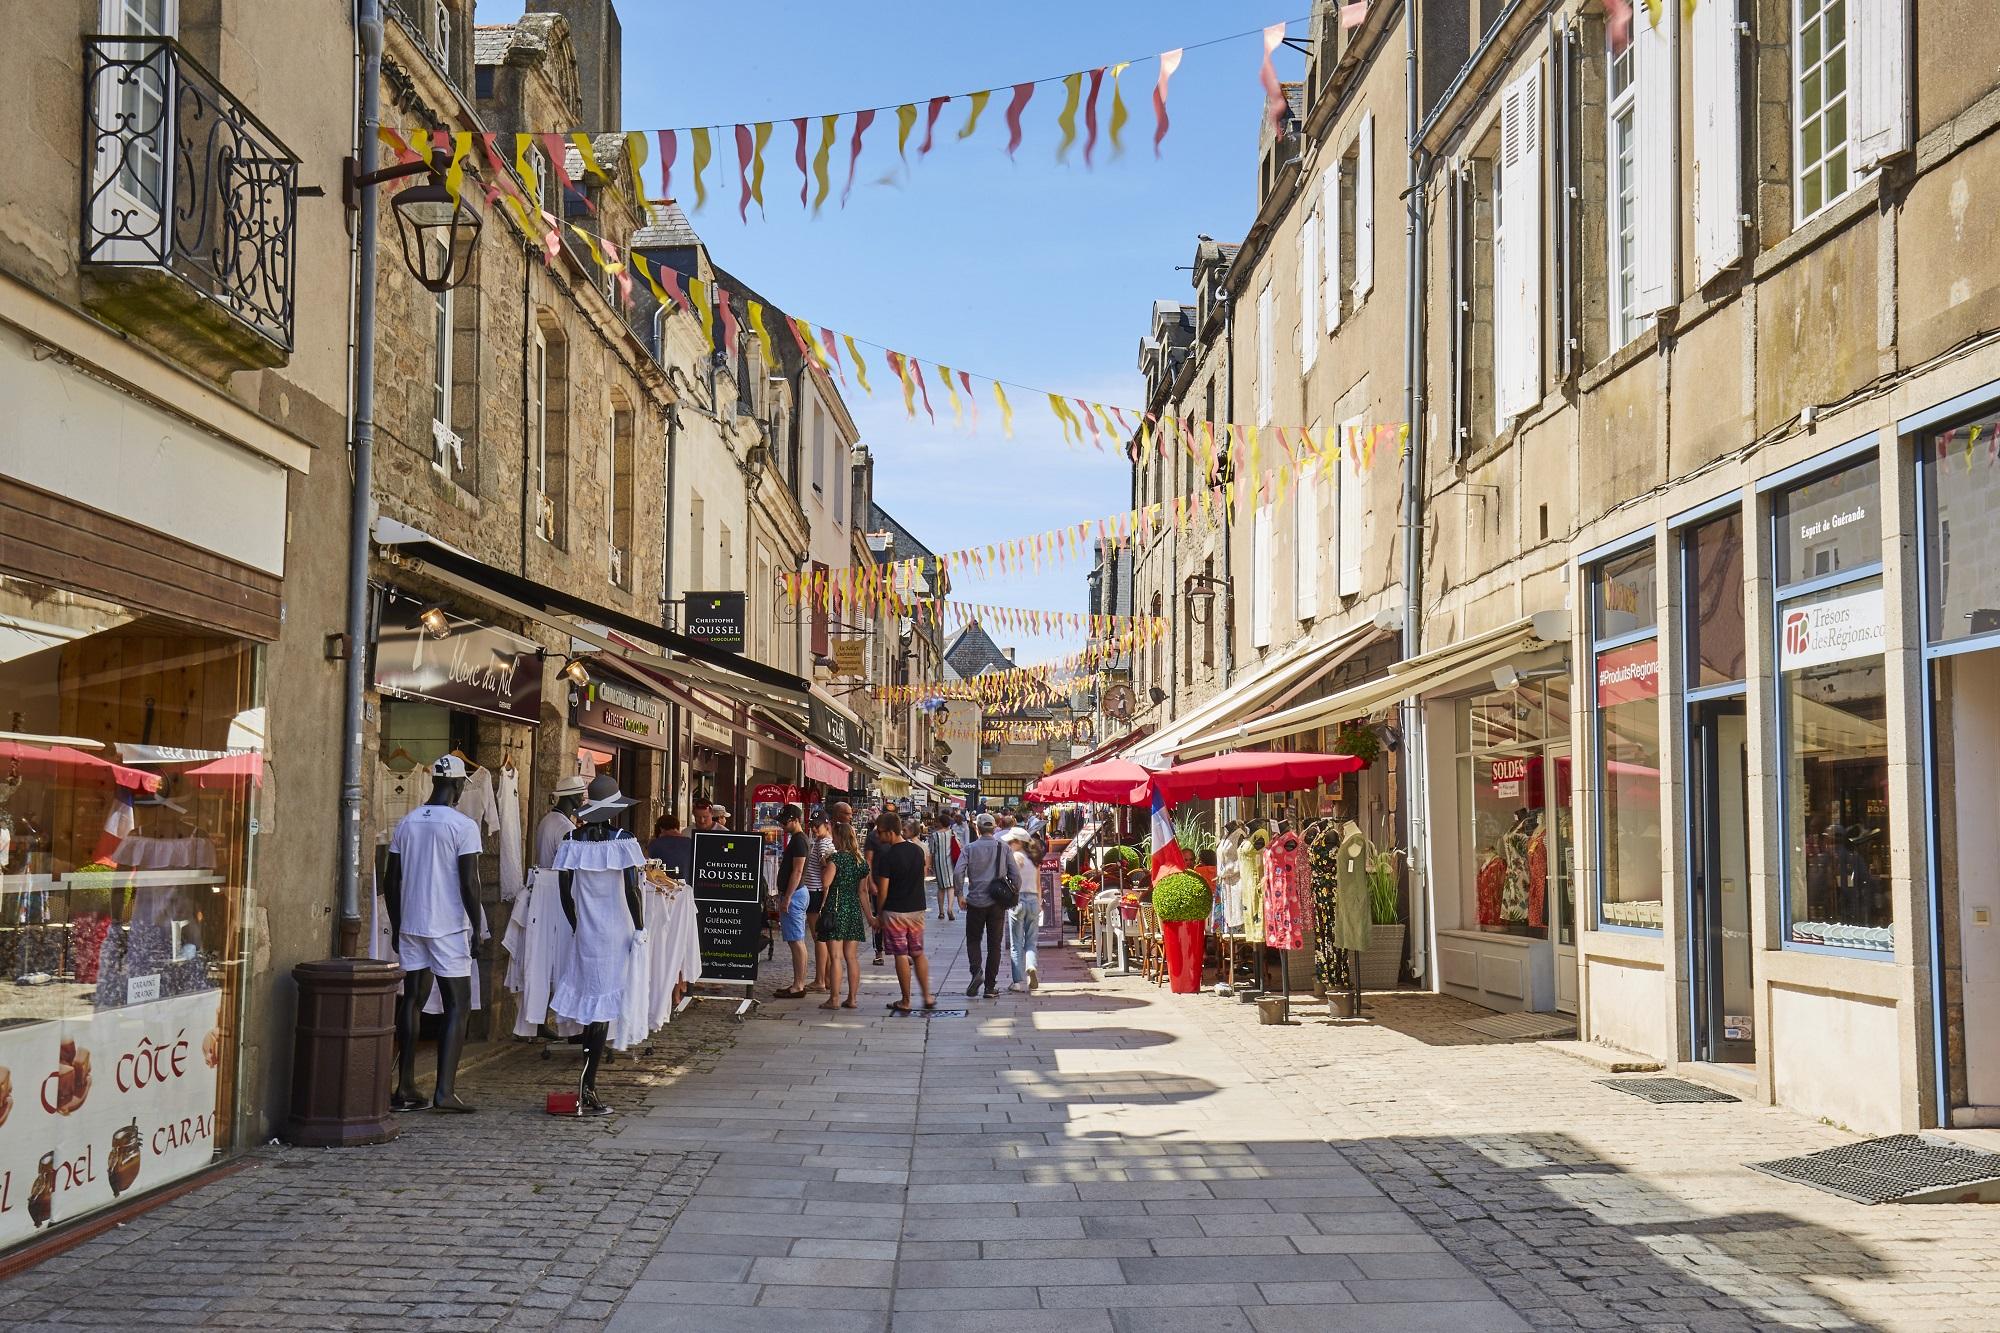 Cité médiévale de Guérande - Rue Saint-Michel - Alexandre Lamoureux  - © Alexandre Lamoureux